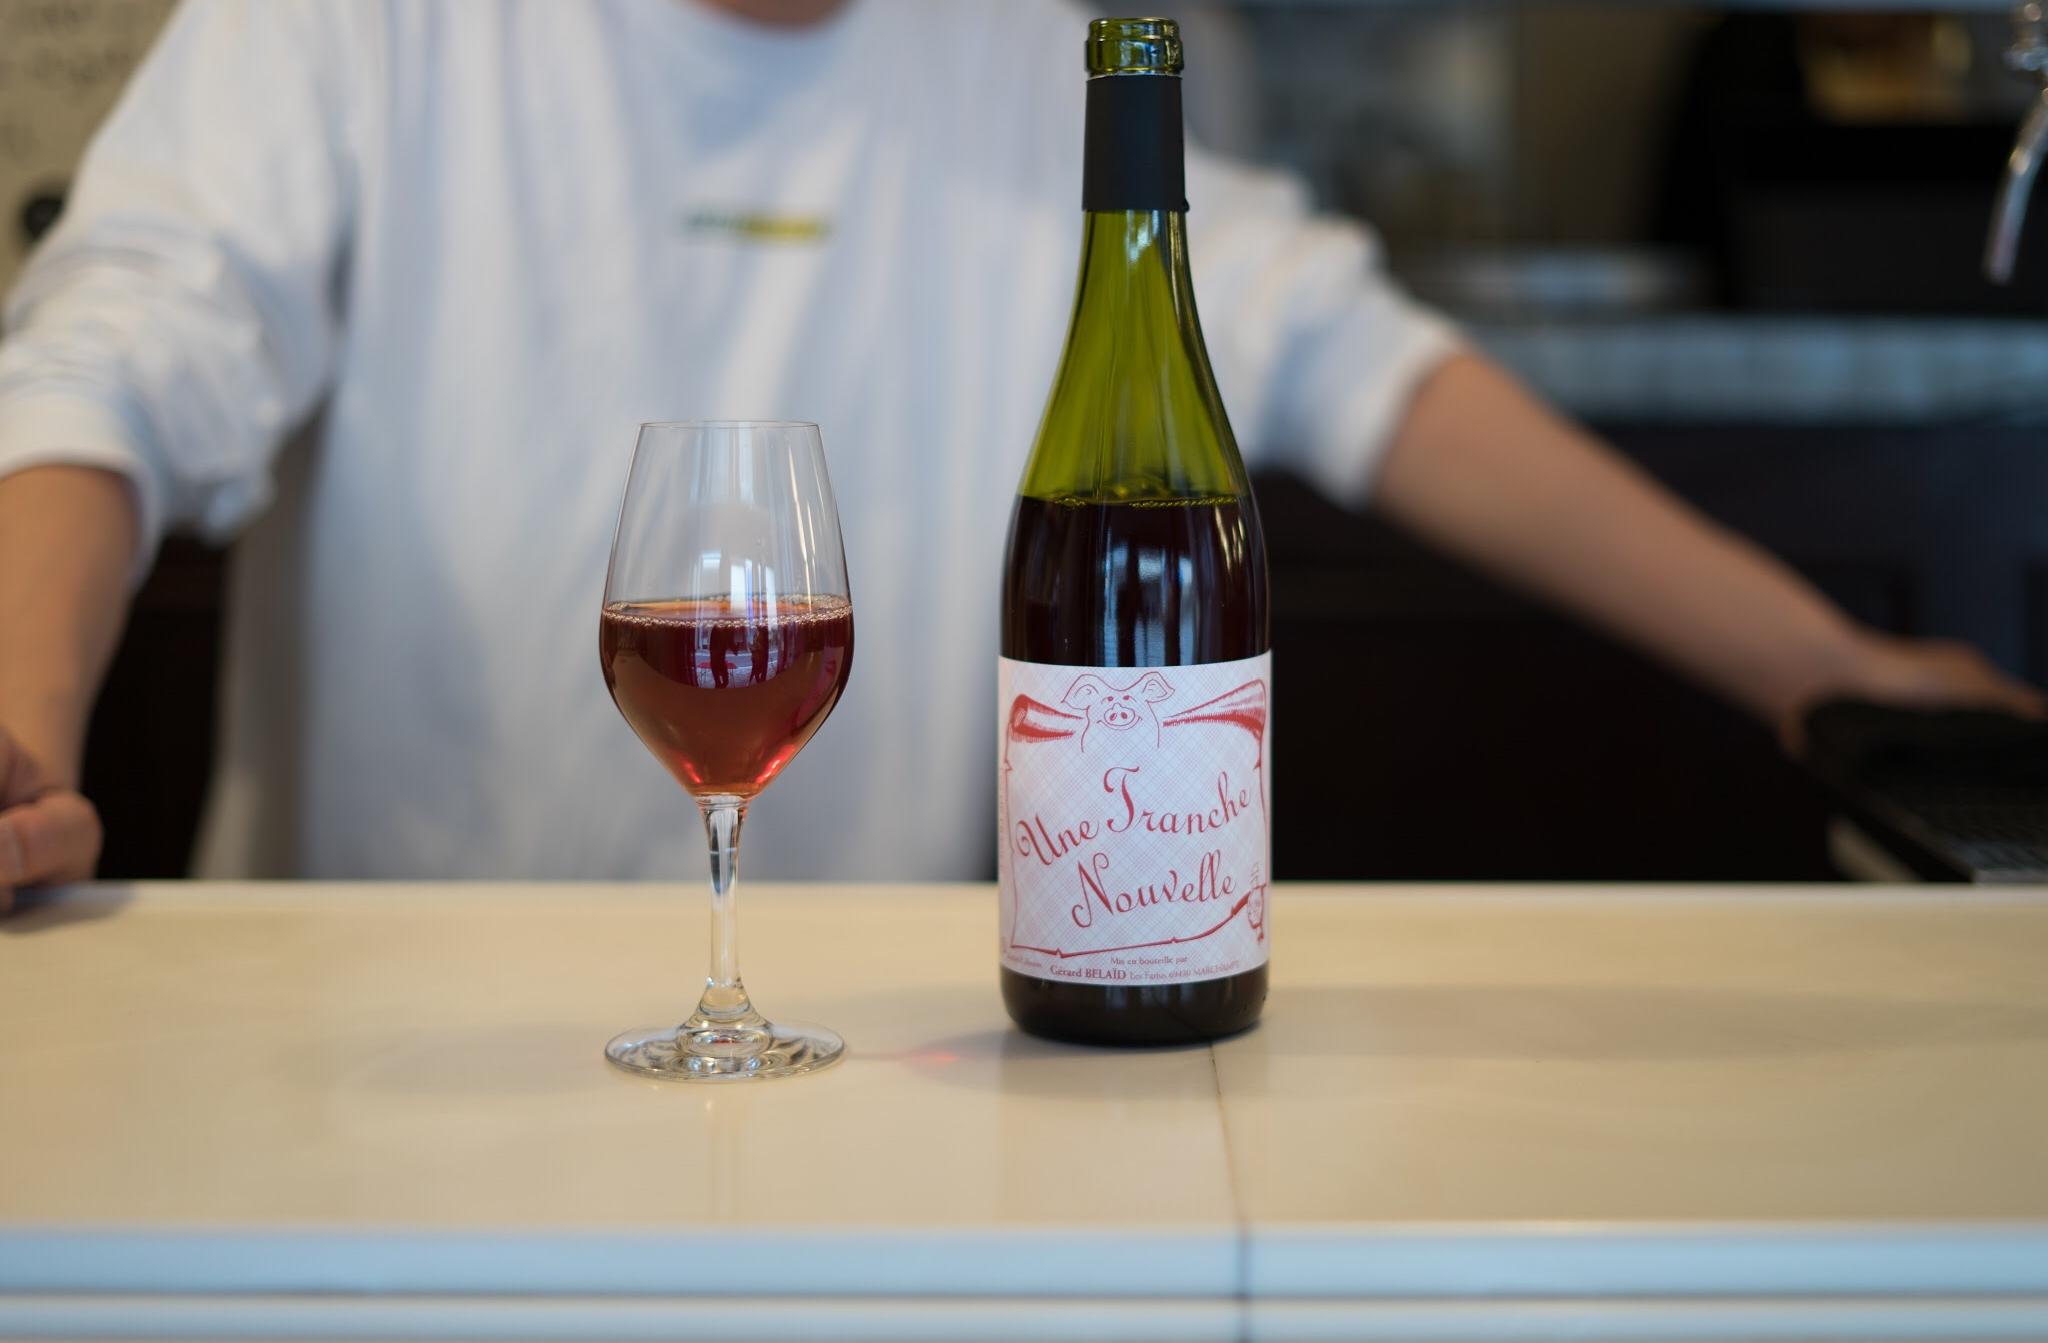 代々木上原、自然派ワイン、ビオワイン、ナチュール、ヴァンナチュール、自然派、ワイン、はしご酒、オーガニック